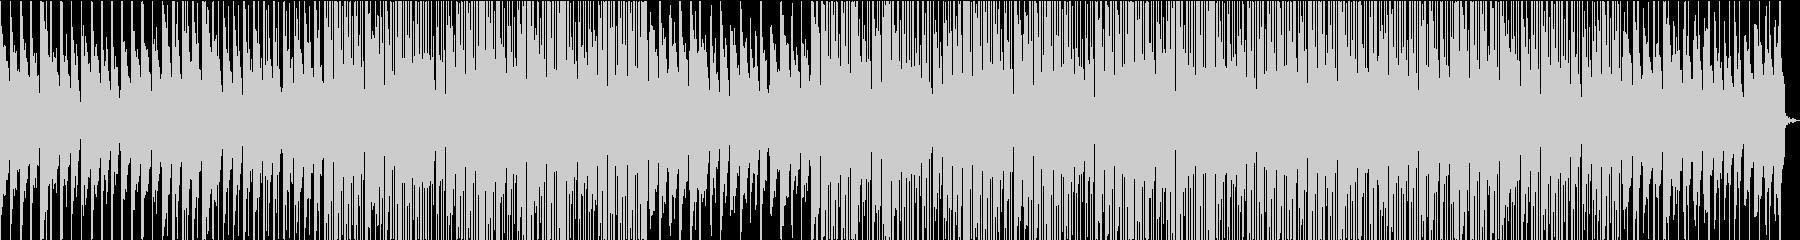 ローファイオーガニック・おしゃれな映像の未再生の波形